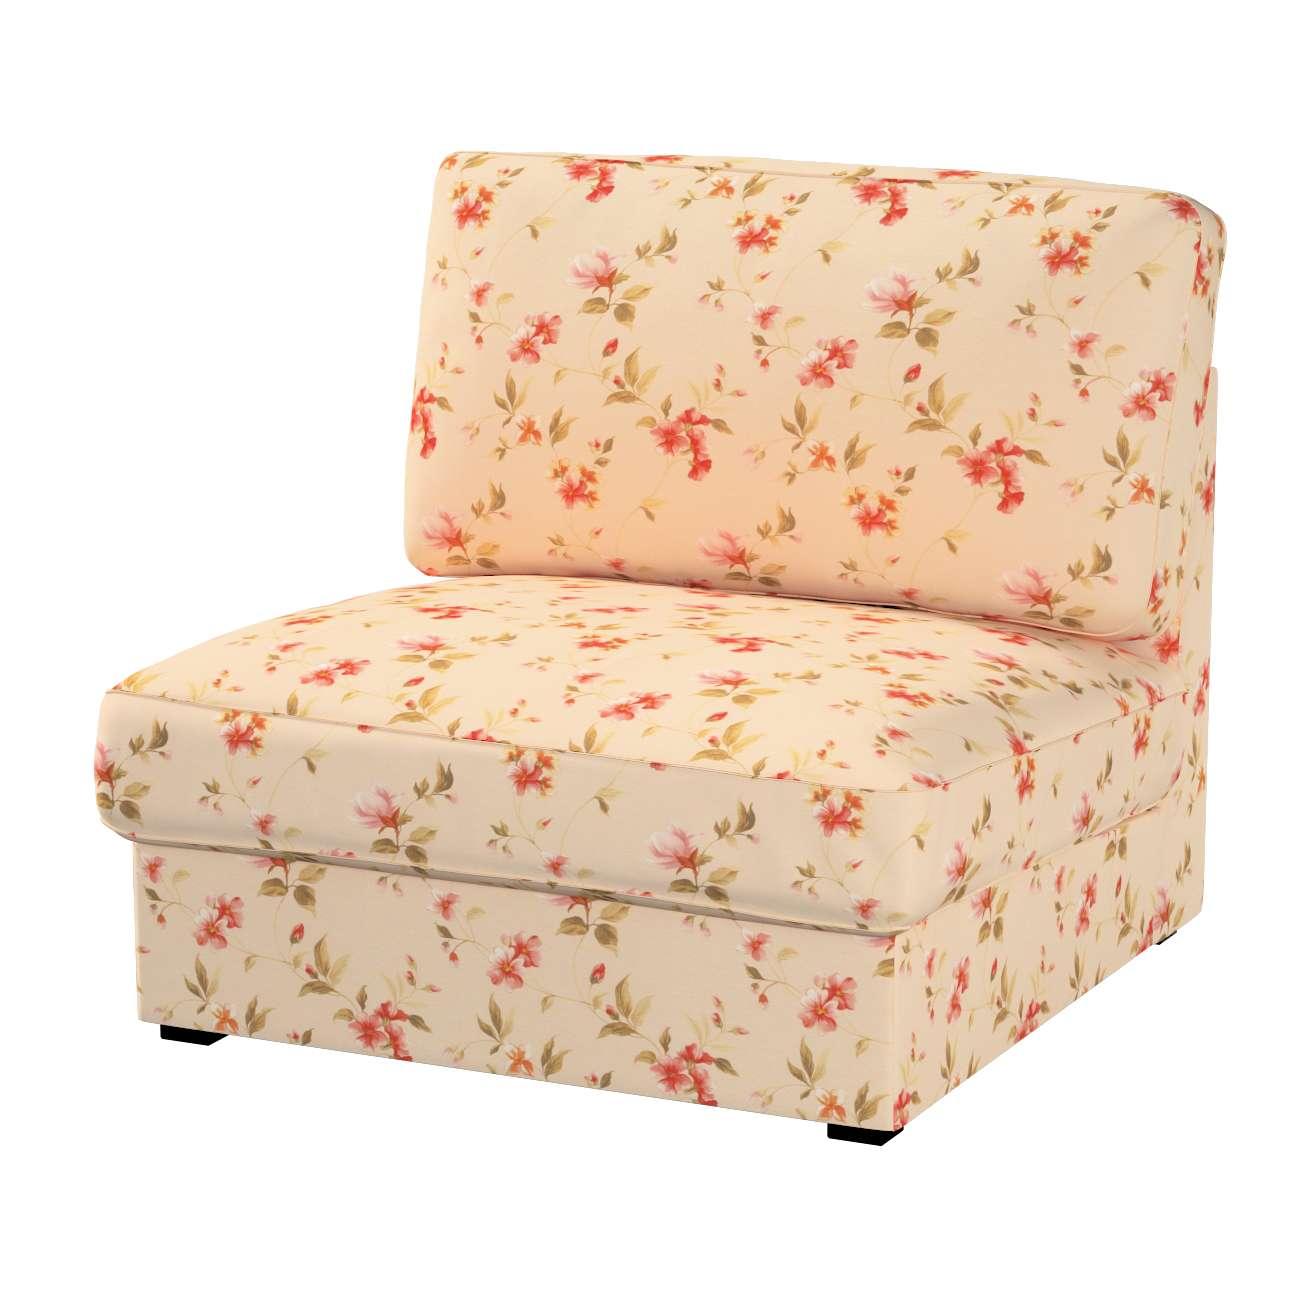 KIVIK fotelio/vienvietės dalies užvalkalas Kivik armchair kolekcijoje Londres, audinys: 124-05